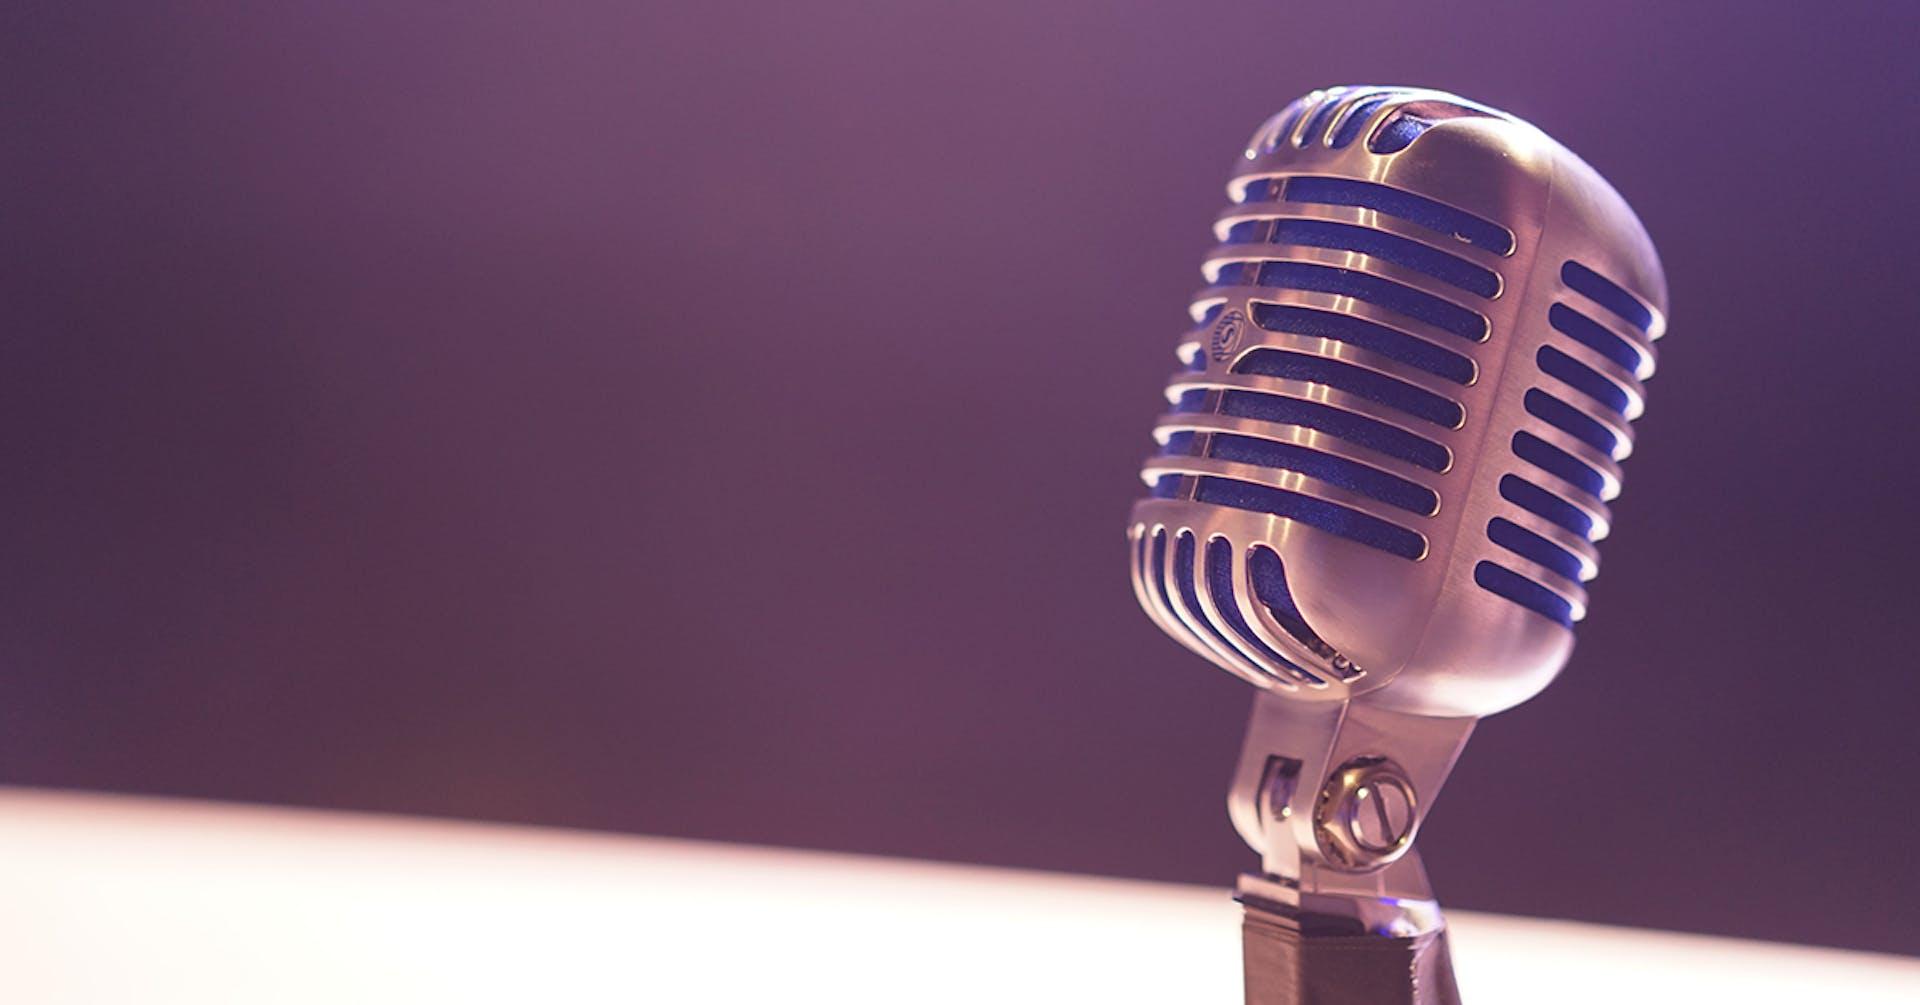 ¿Cómo se escribe un programa de radio? Aprende con esta guía básica